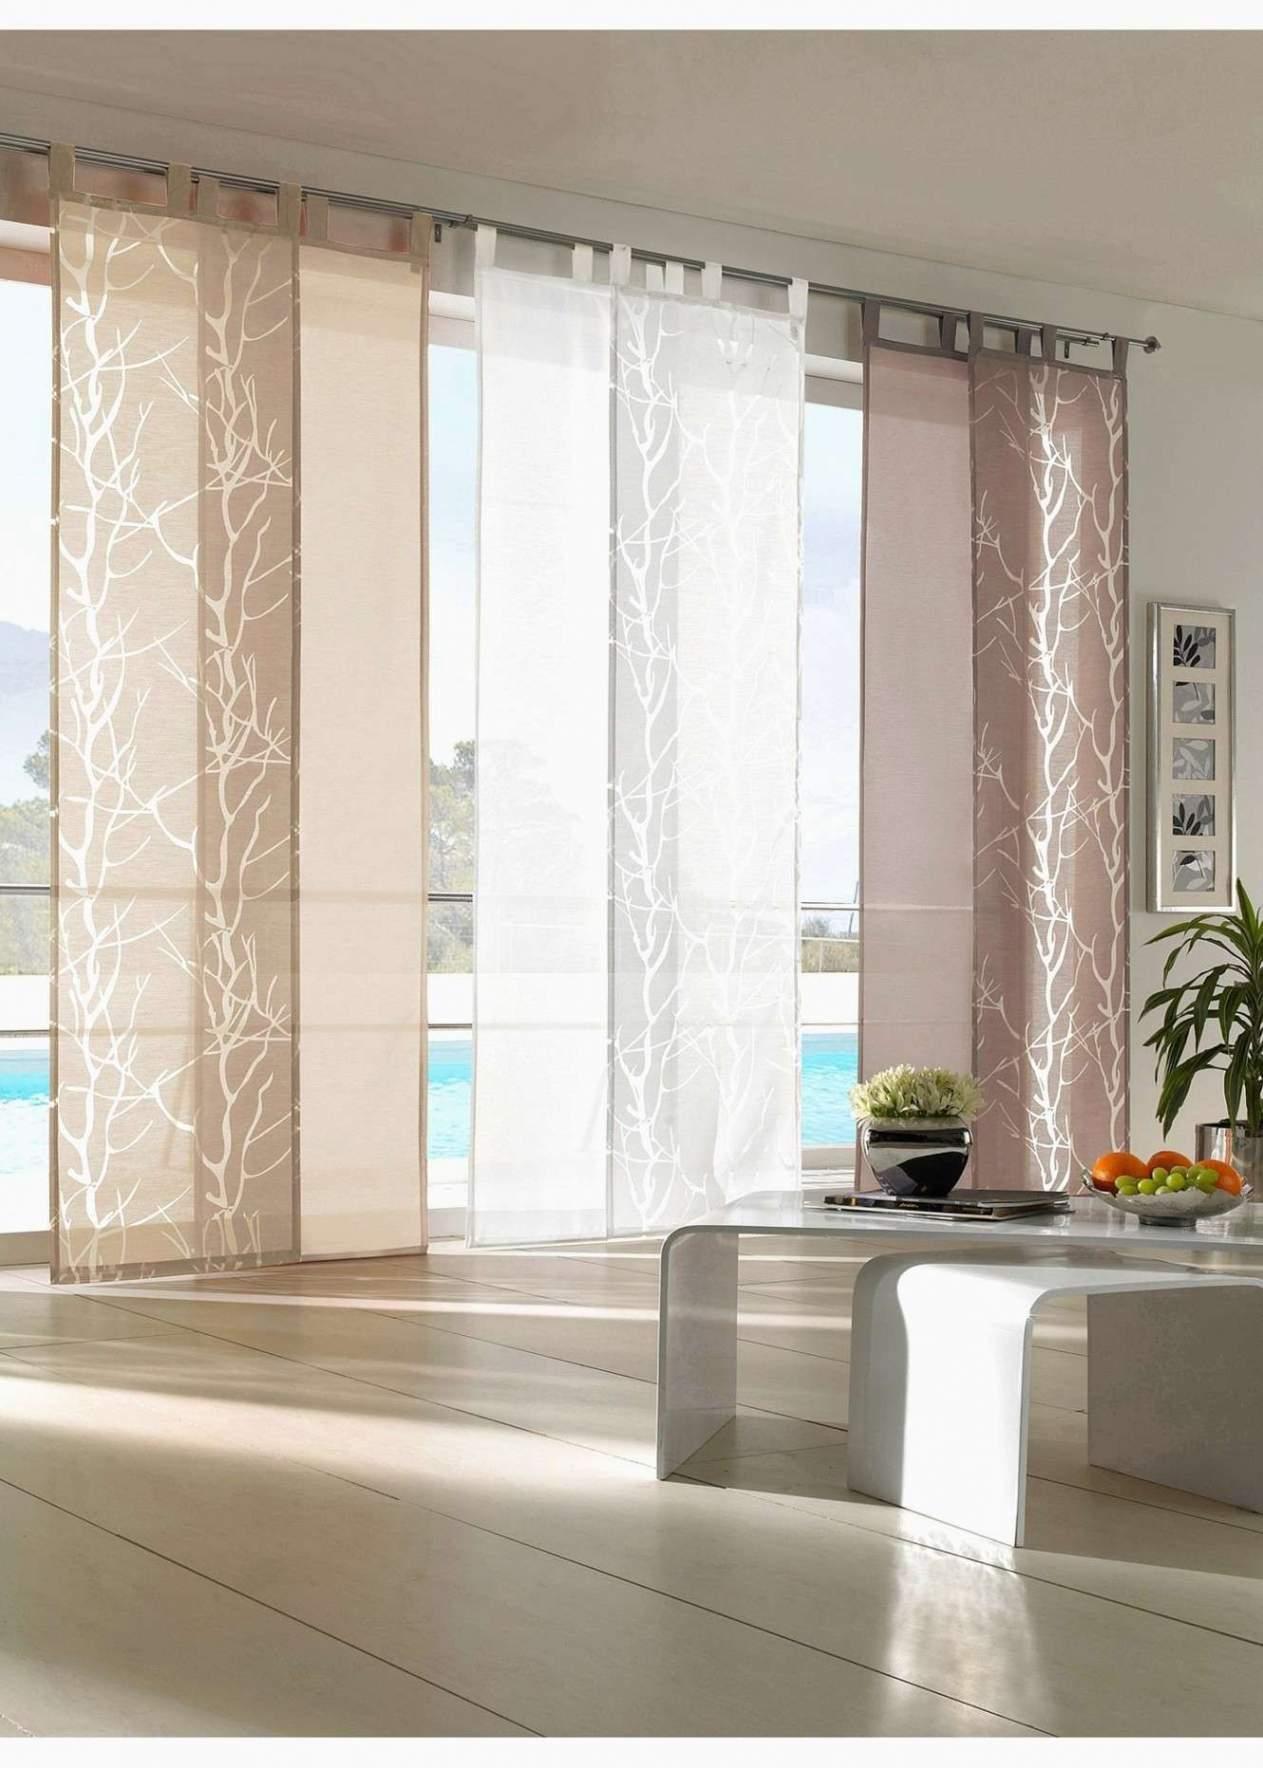 45 einzigartig seitenschutz balkon galerie gardine fur tur mit glaseinsatz gardine fur tur mit glaseinsatz